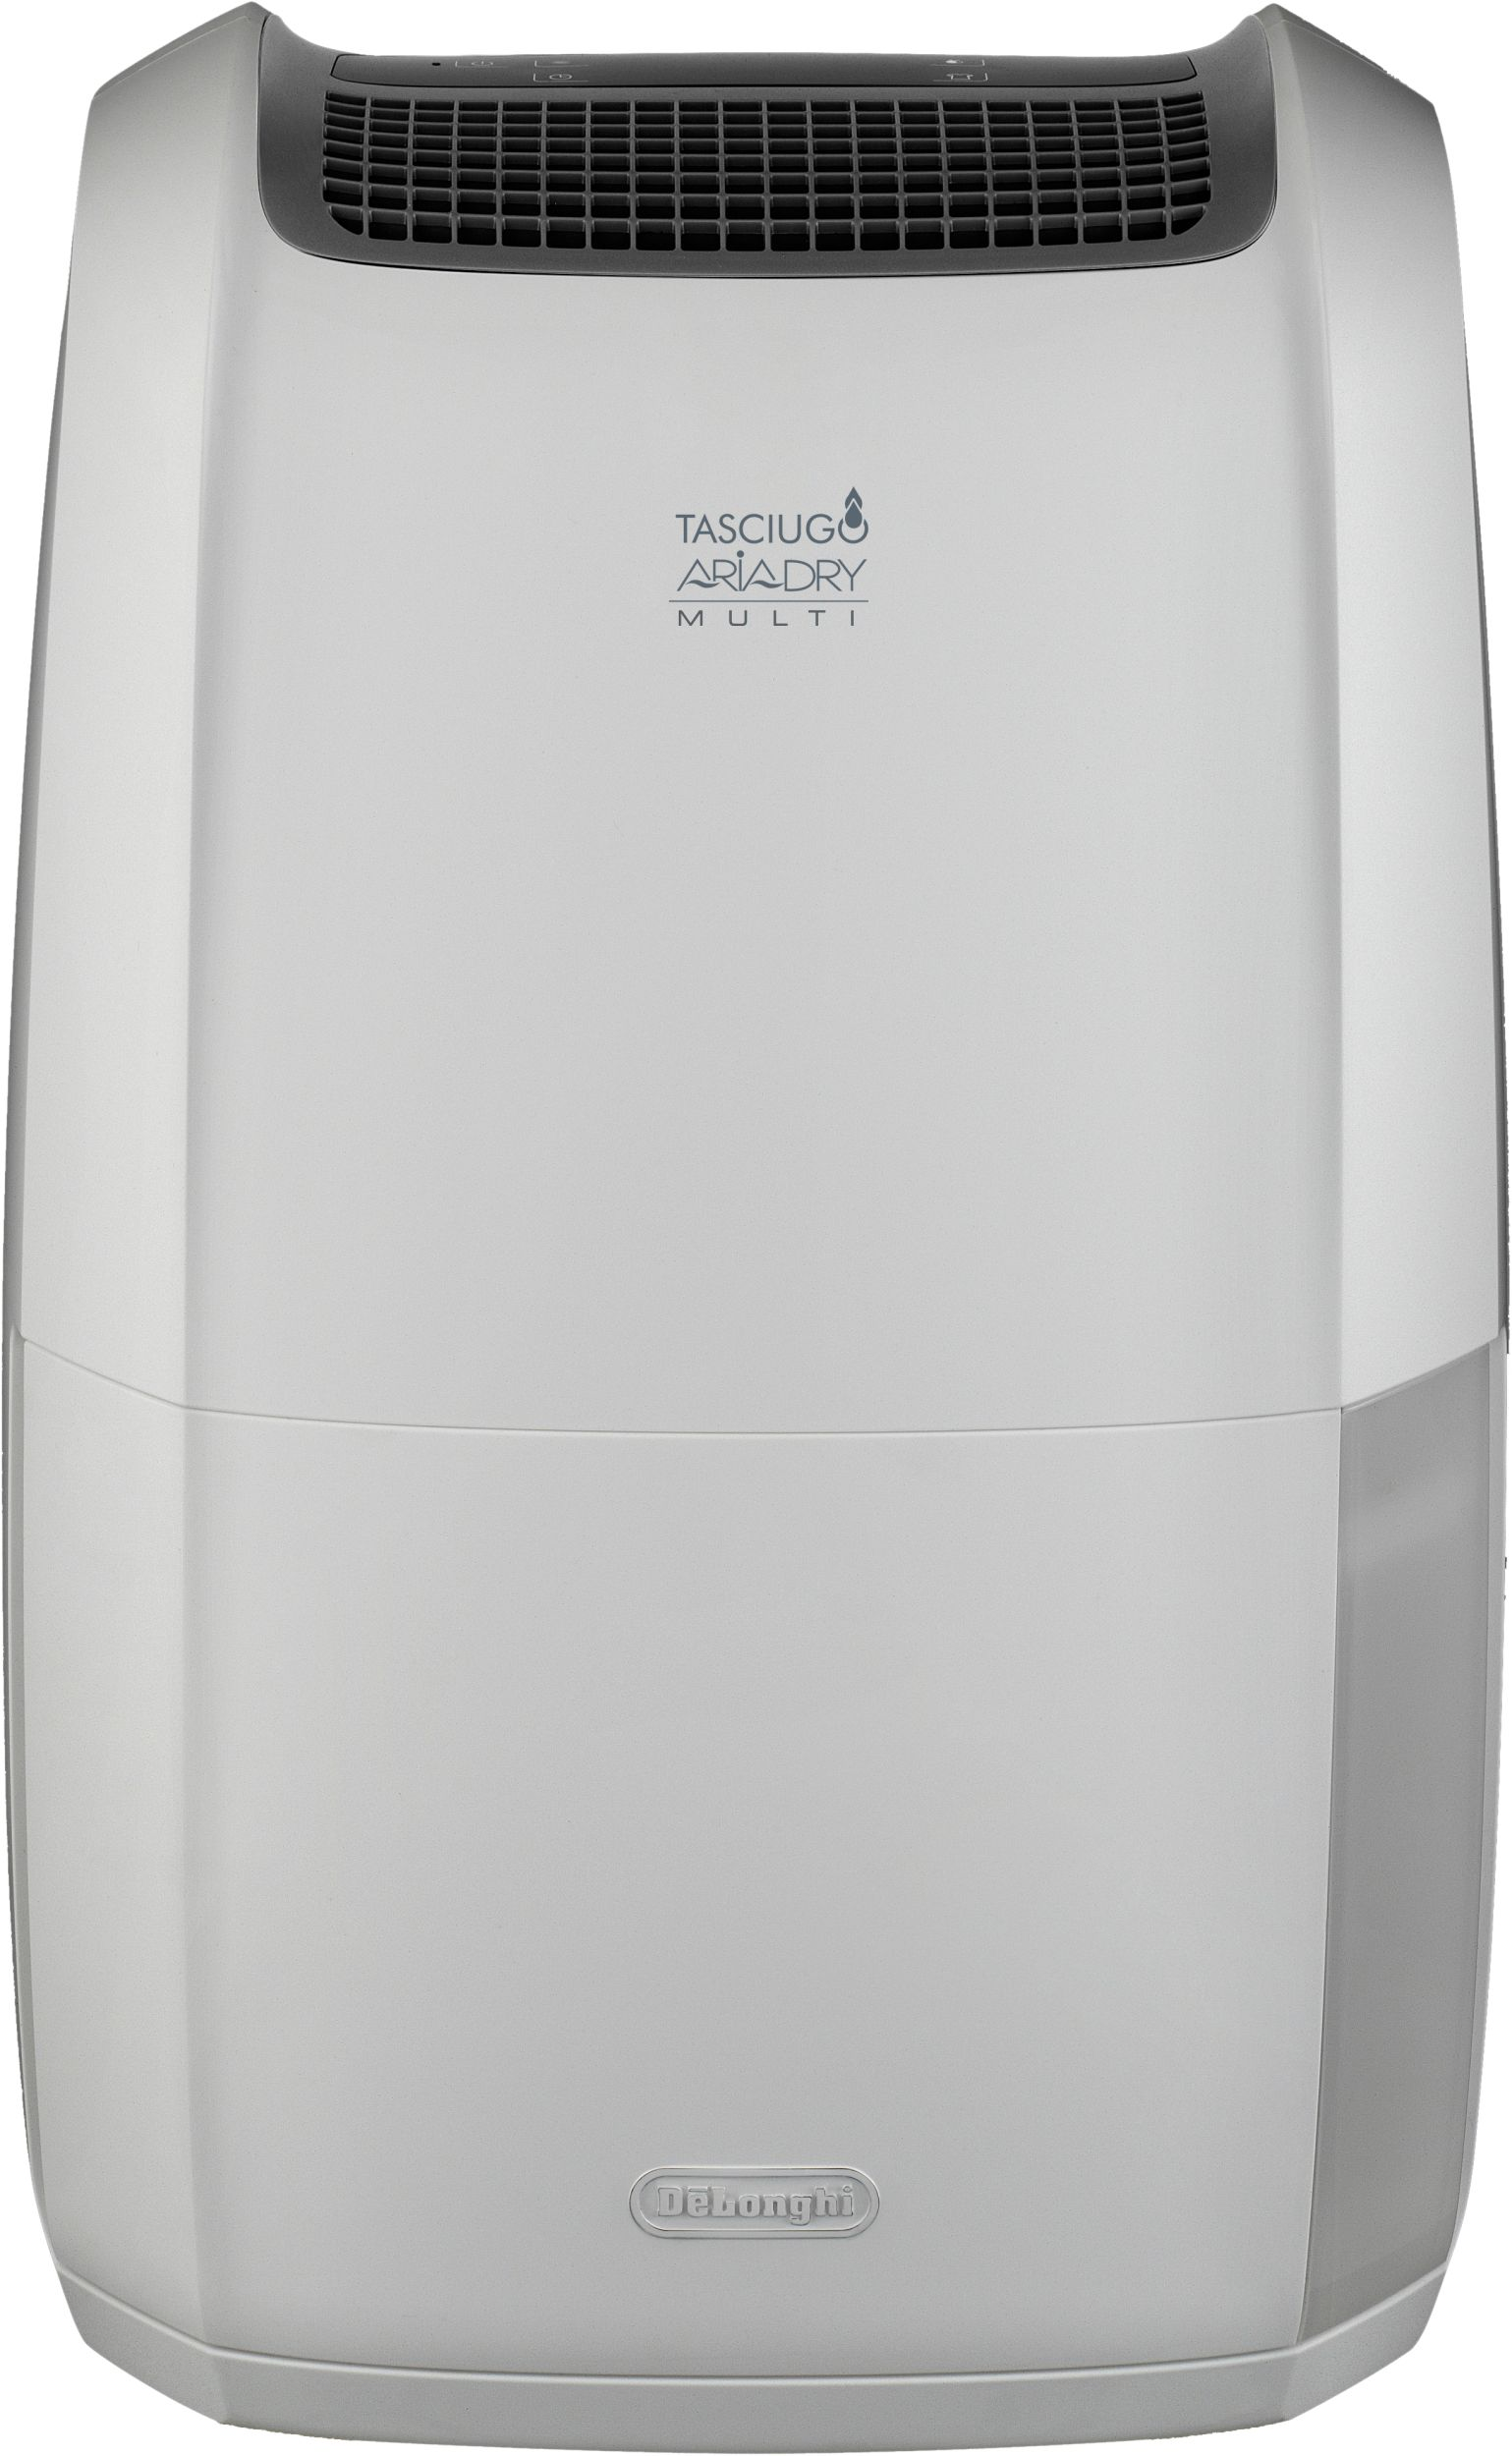 Desumidificador Delonghi Tasciugo AriaDry Multi DDSX225